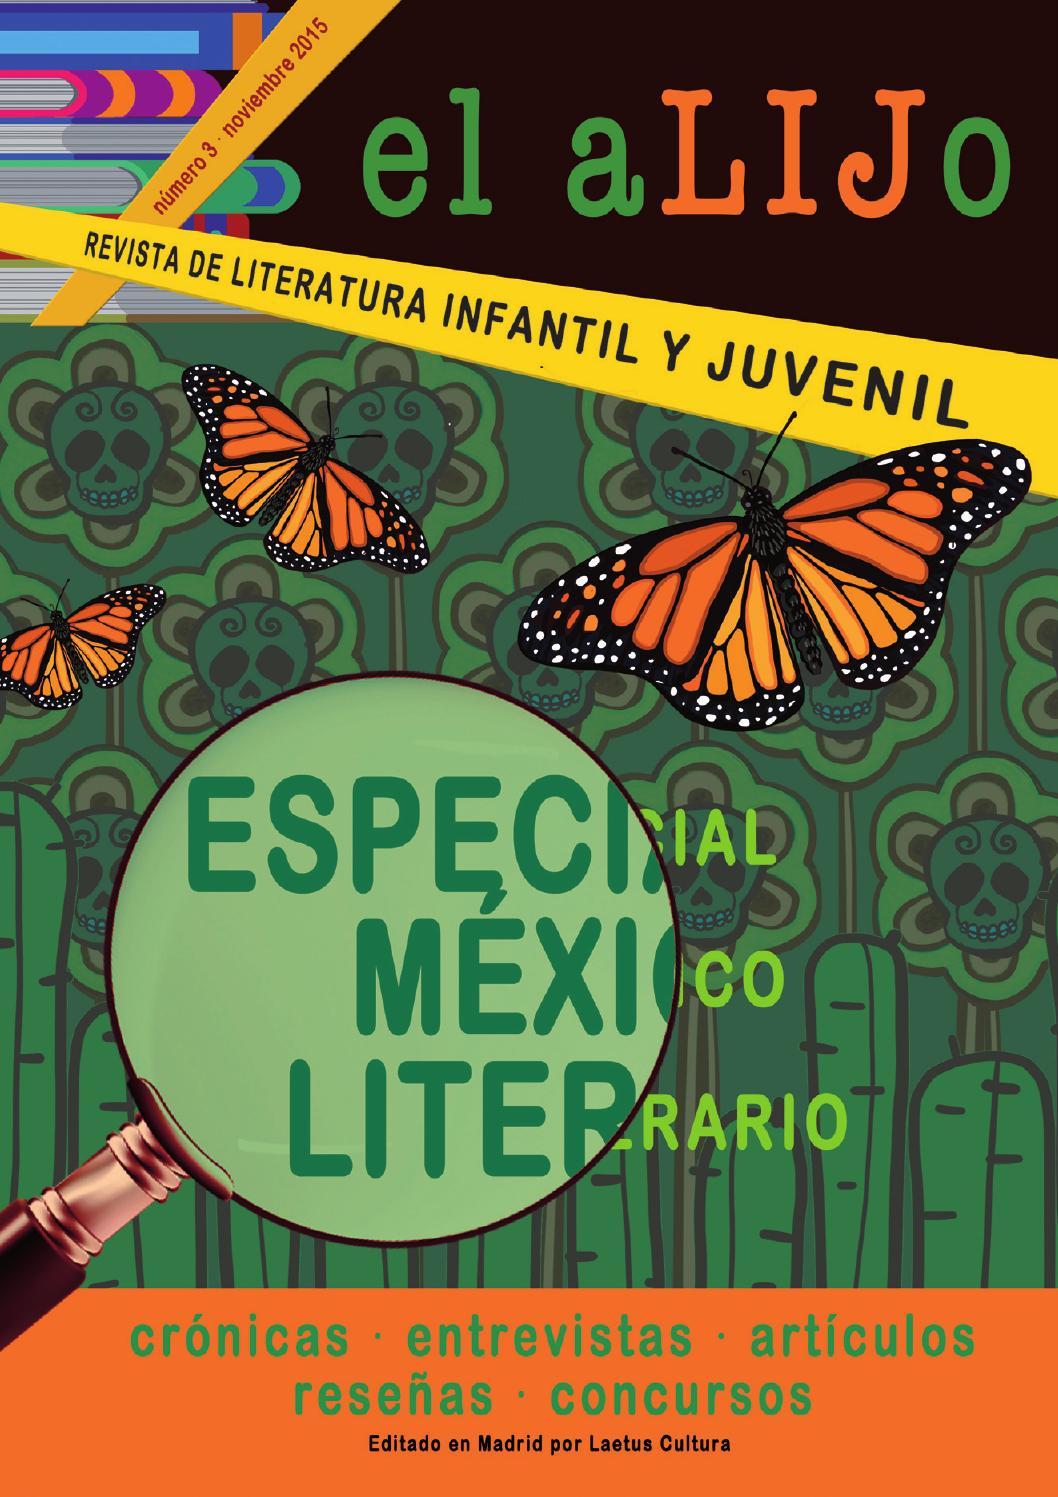 Revista de literatura infantil y juvenil El aLIJo Nº 3 by Revista El aLIJo  - issuu